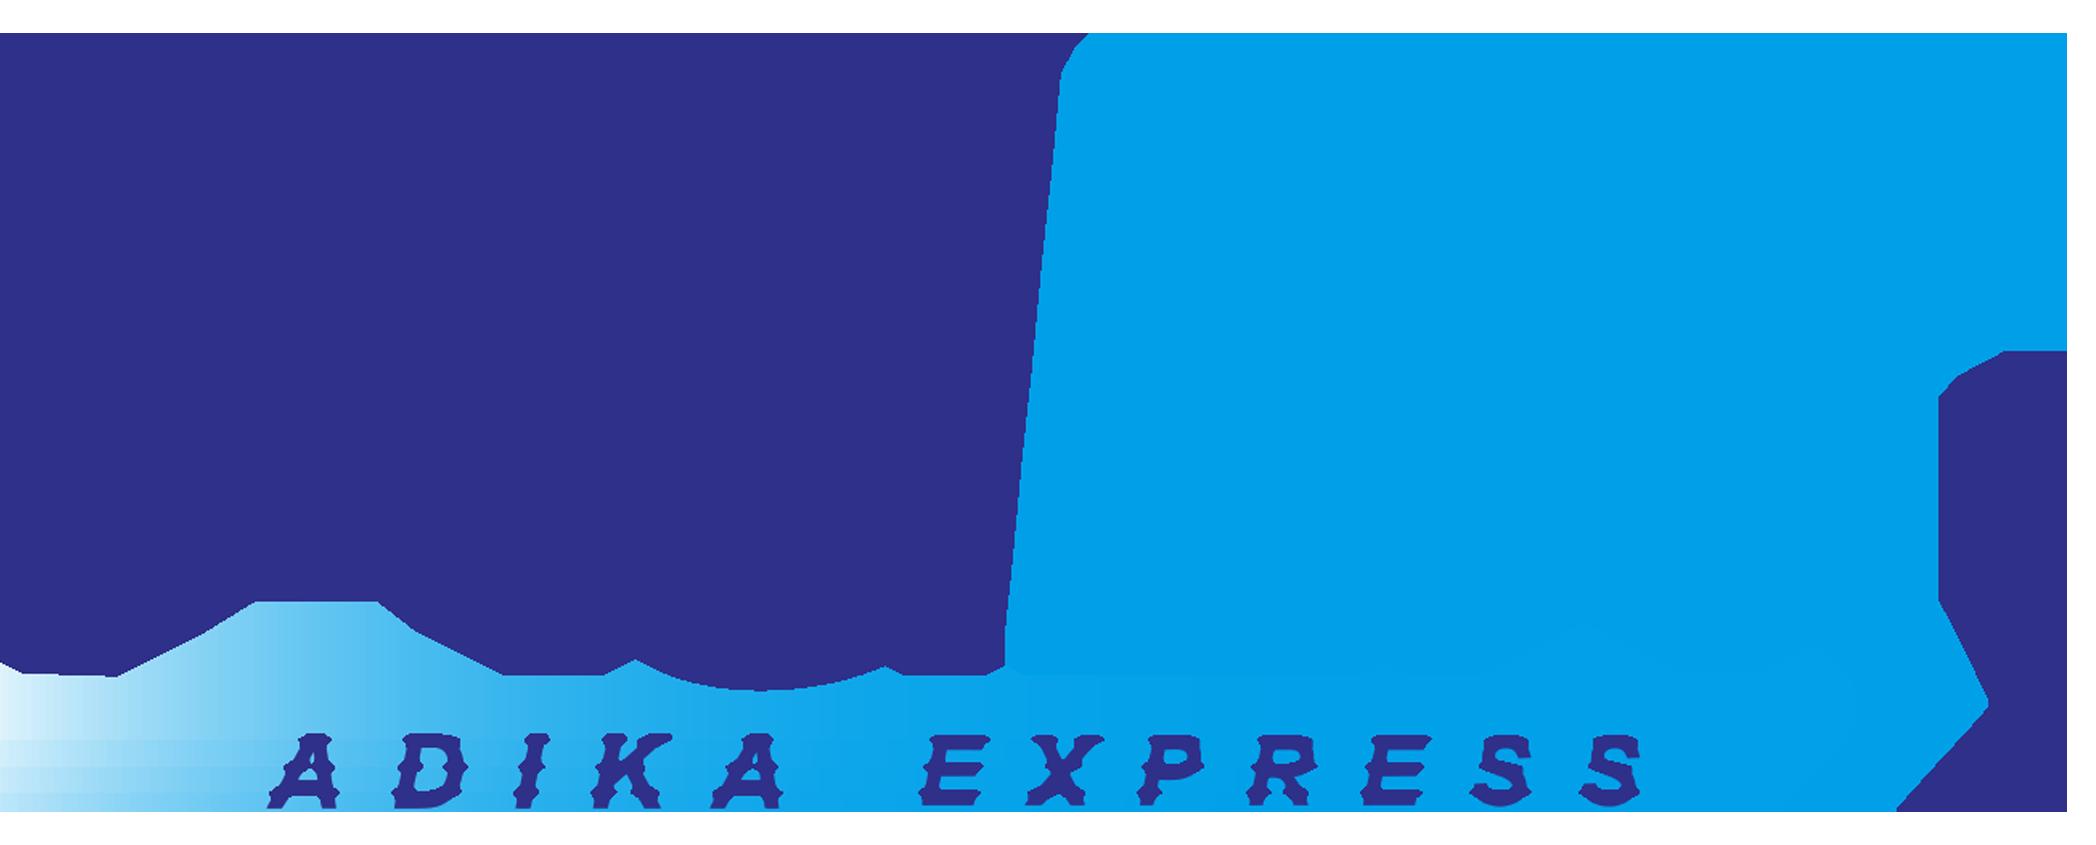 Adika Express